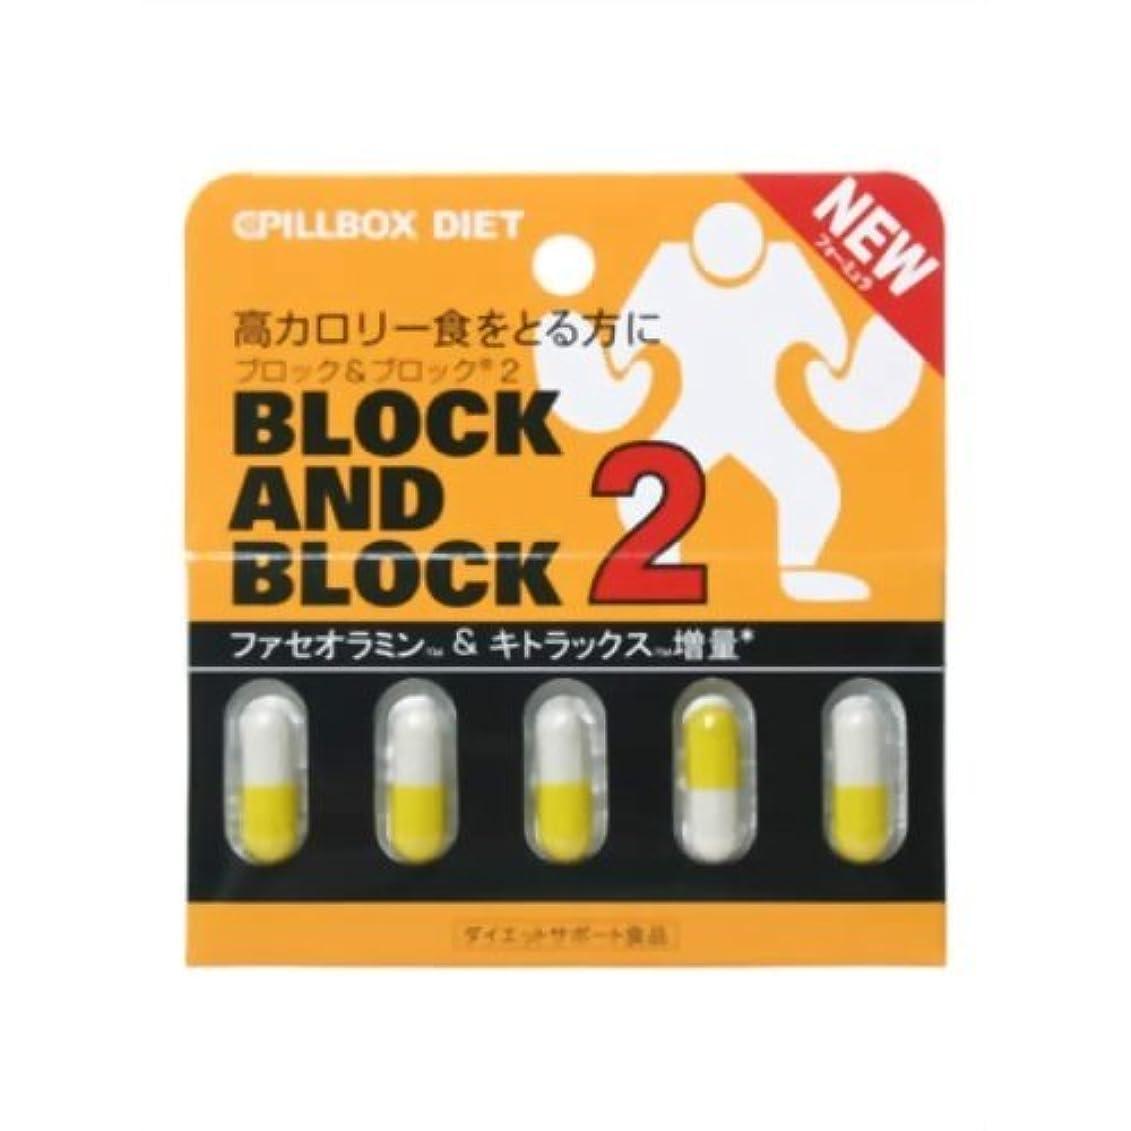 ハプニング知覚するネックレットブロック&ブロック2 5カプセル